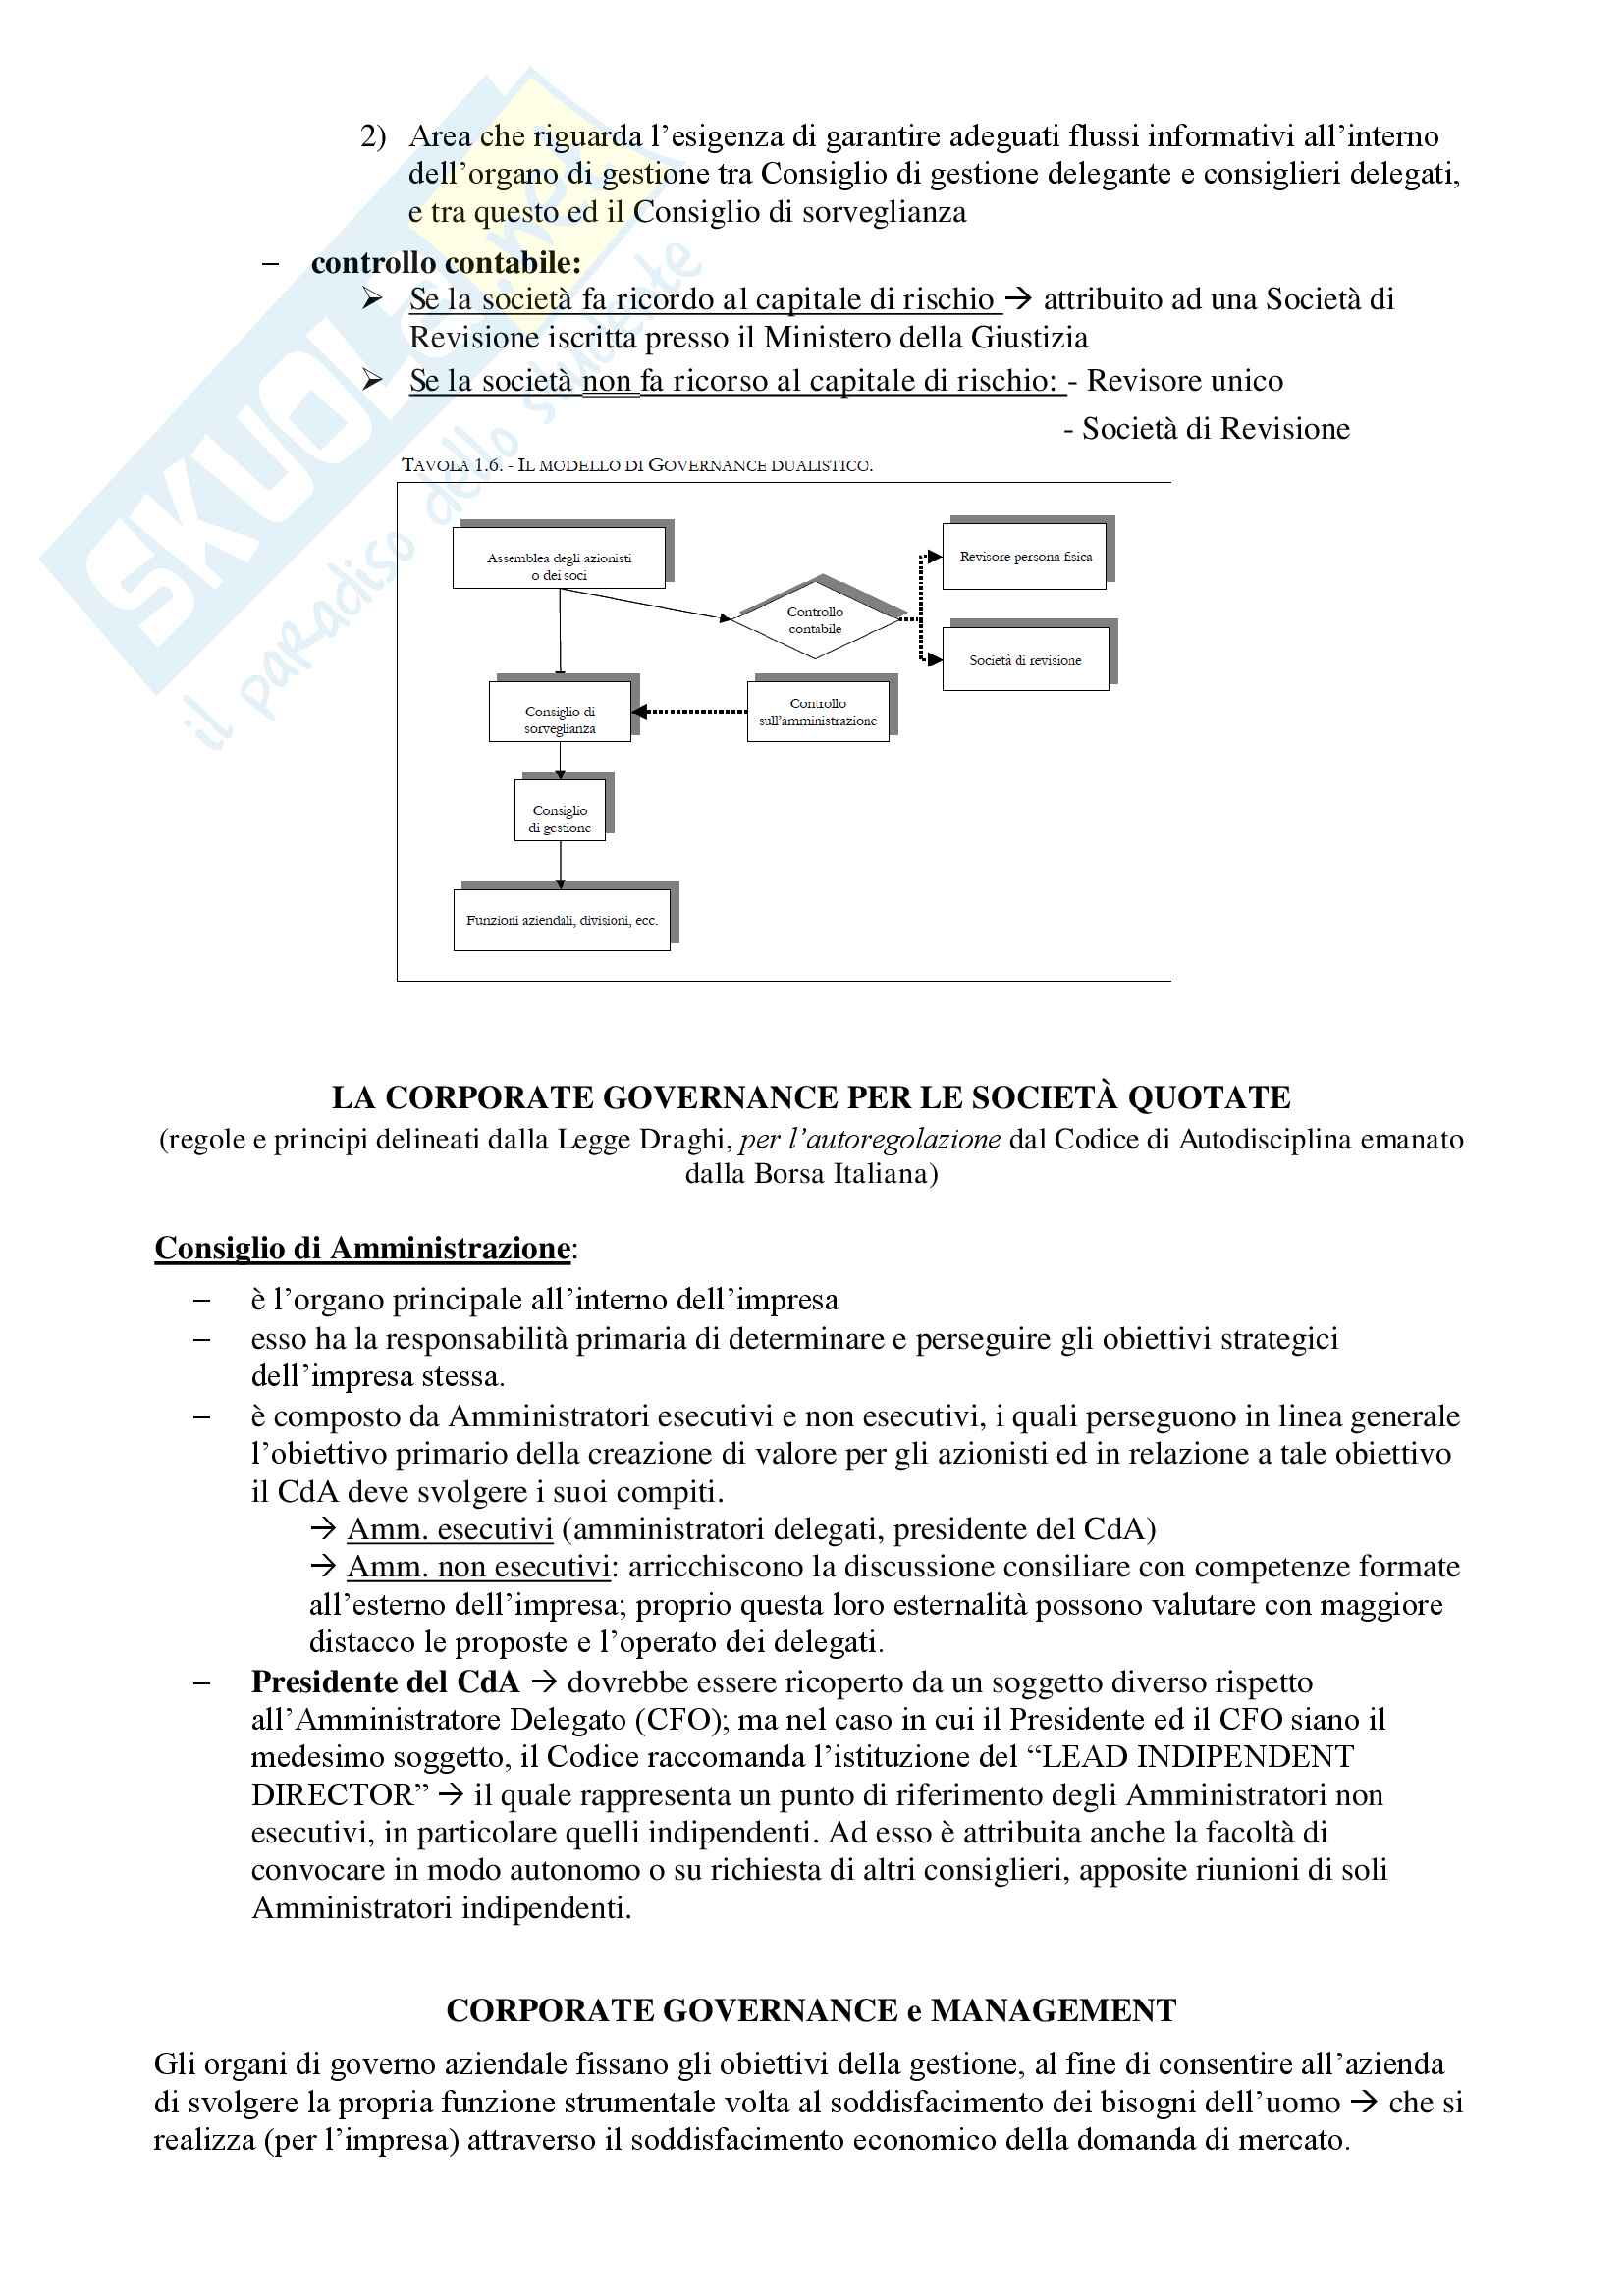 Sistemi informativi aziendali (appunti e schemi) Pag. 6